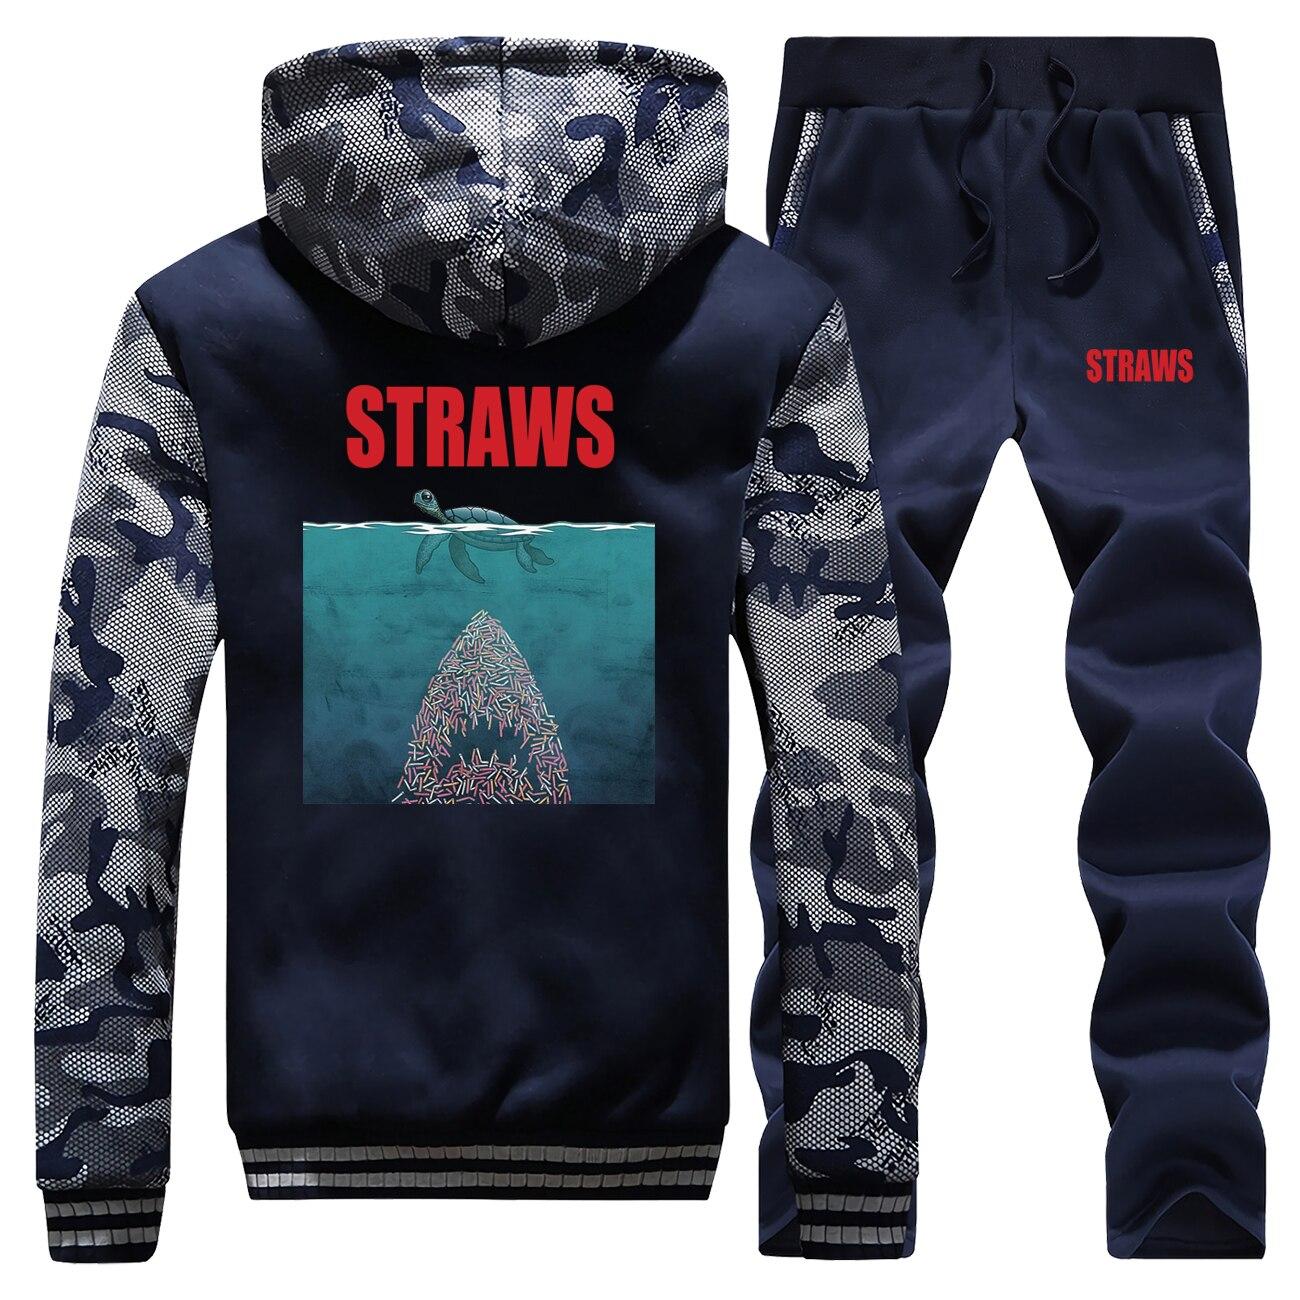 Funny Hoodies Pants Set Men Straws Shark Tortoise Tracksuit Coat Winter Thick Jacket Outwear Streetwear Sportswear 2 Piece Sets